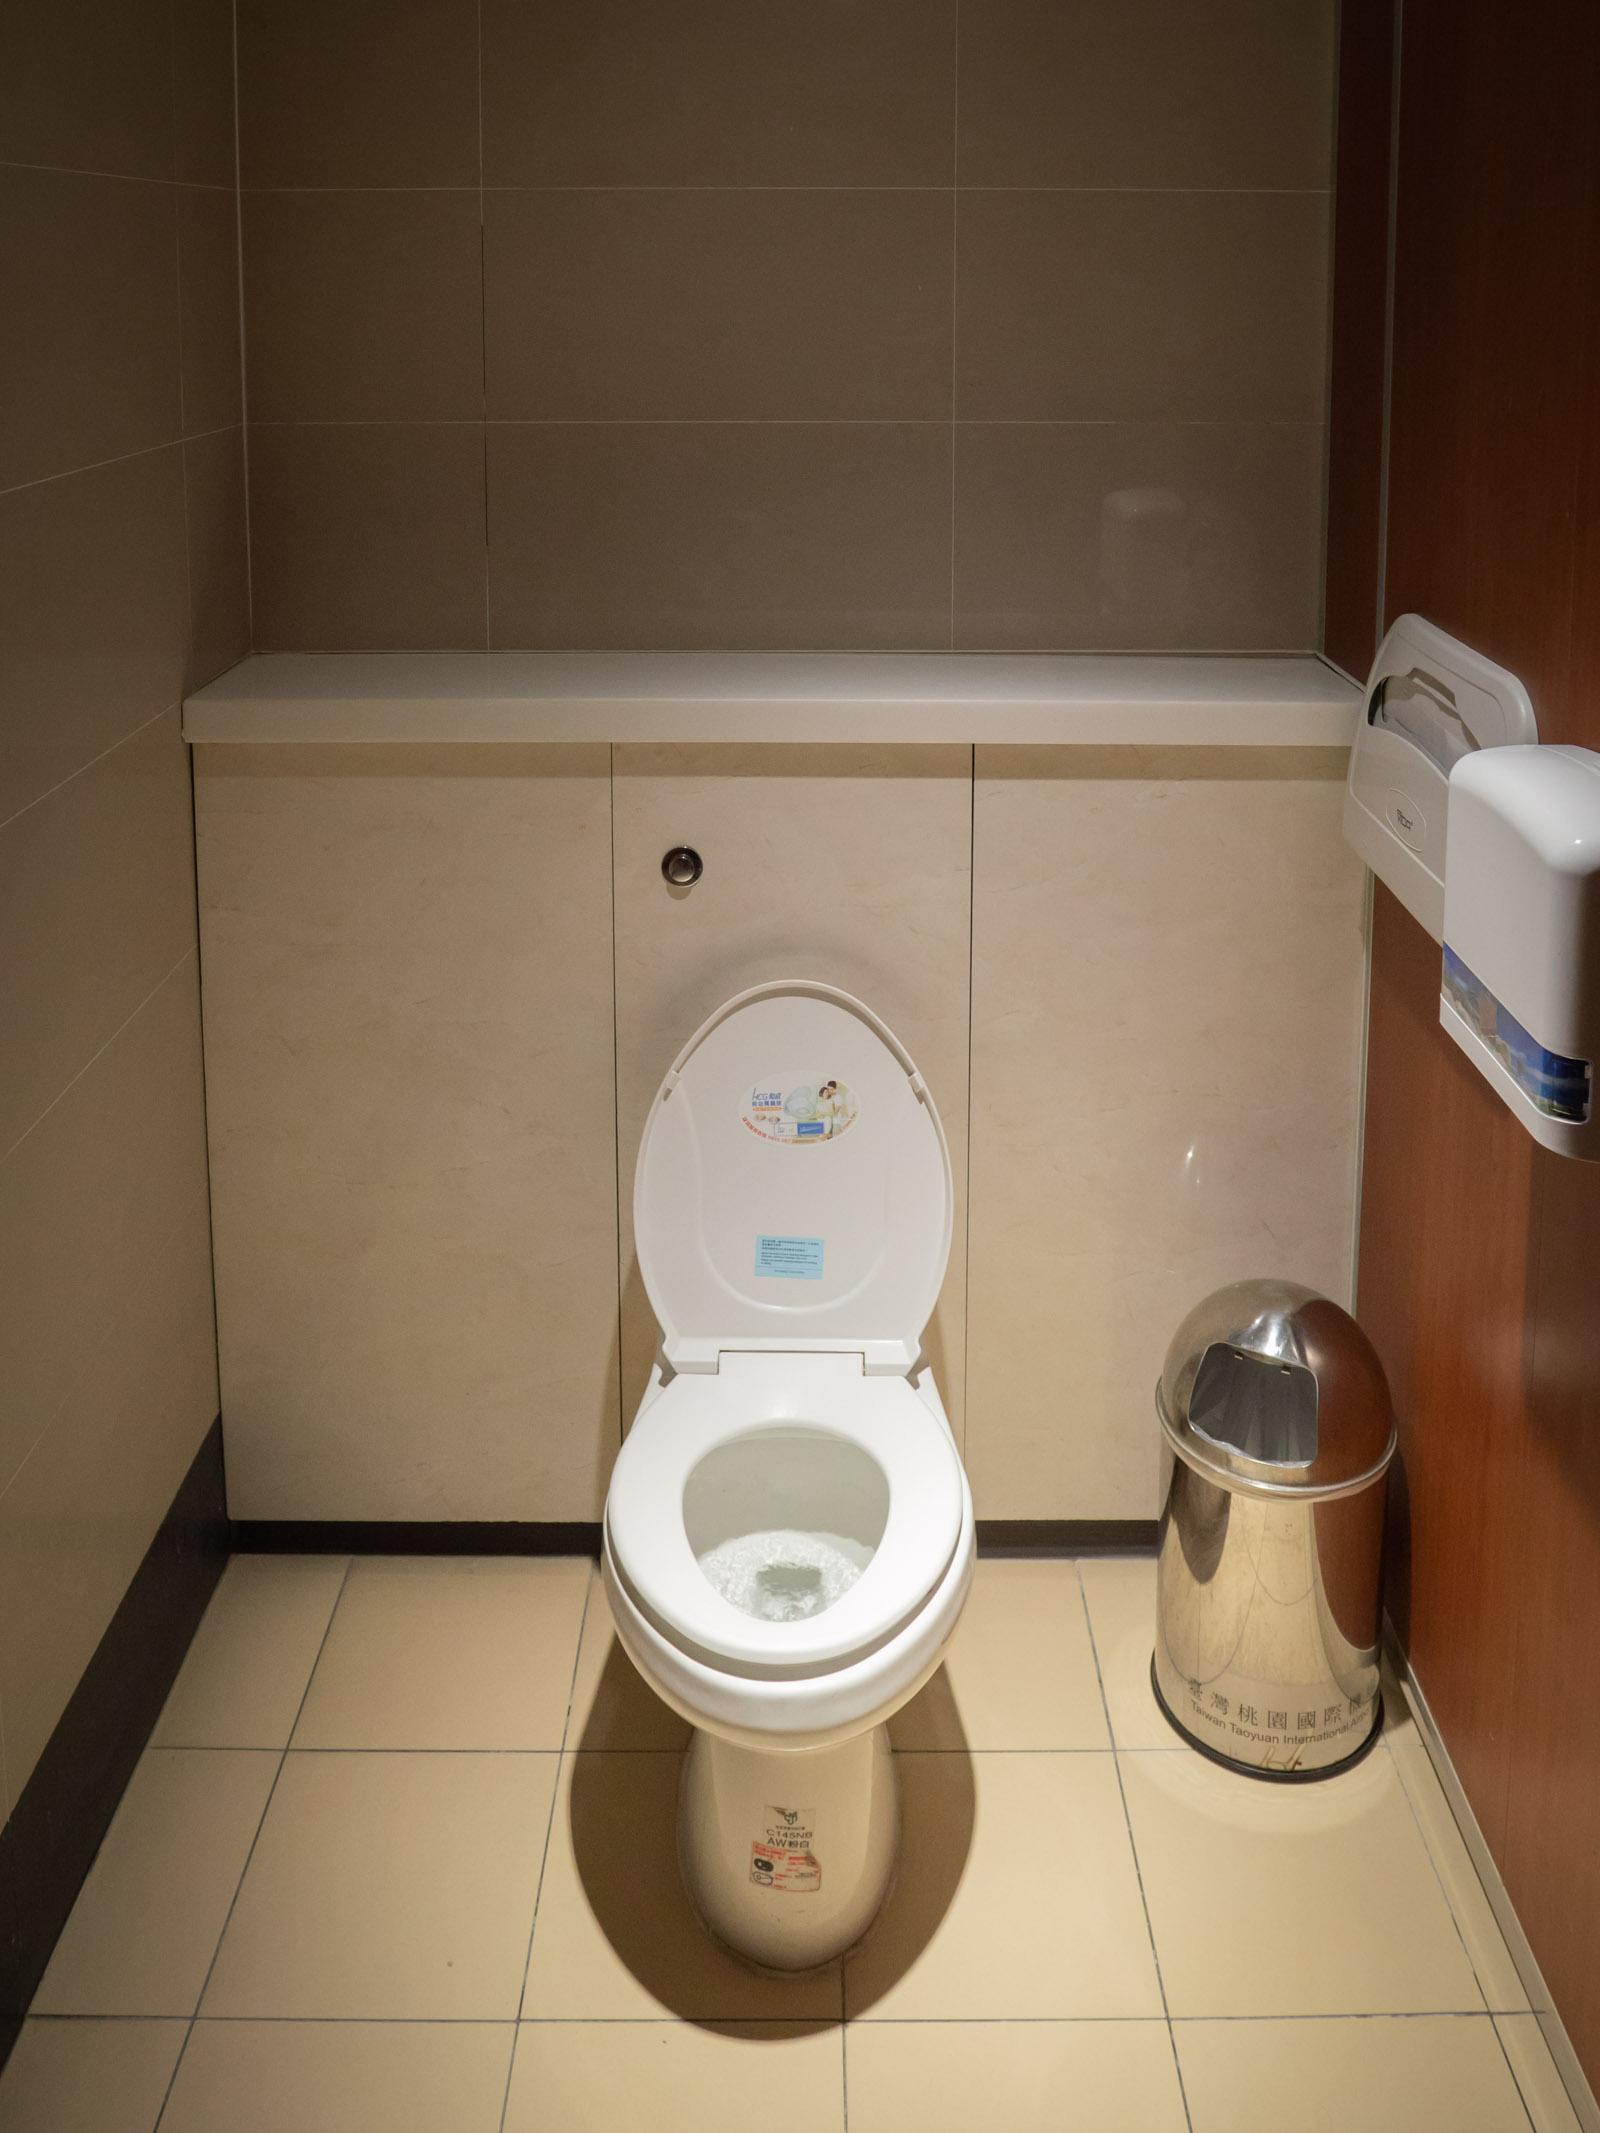 台北空港の清潔なトイレ 明け放れた便座の蓋 脇に置かれたゴミ箱の存在感